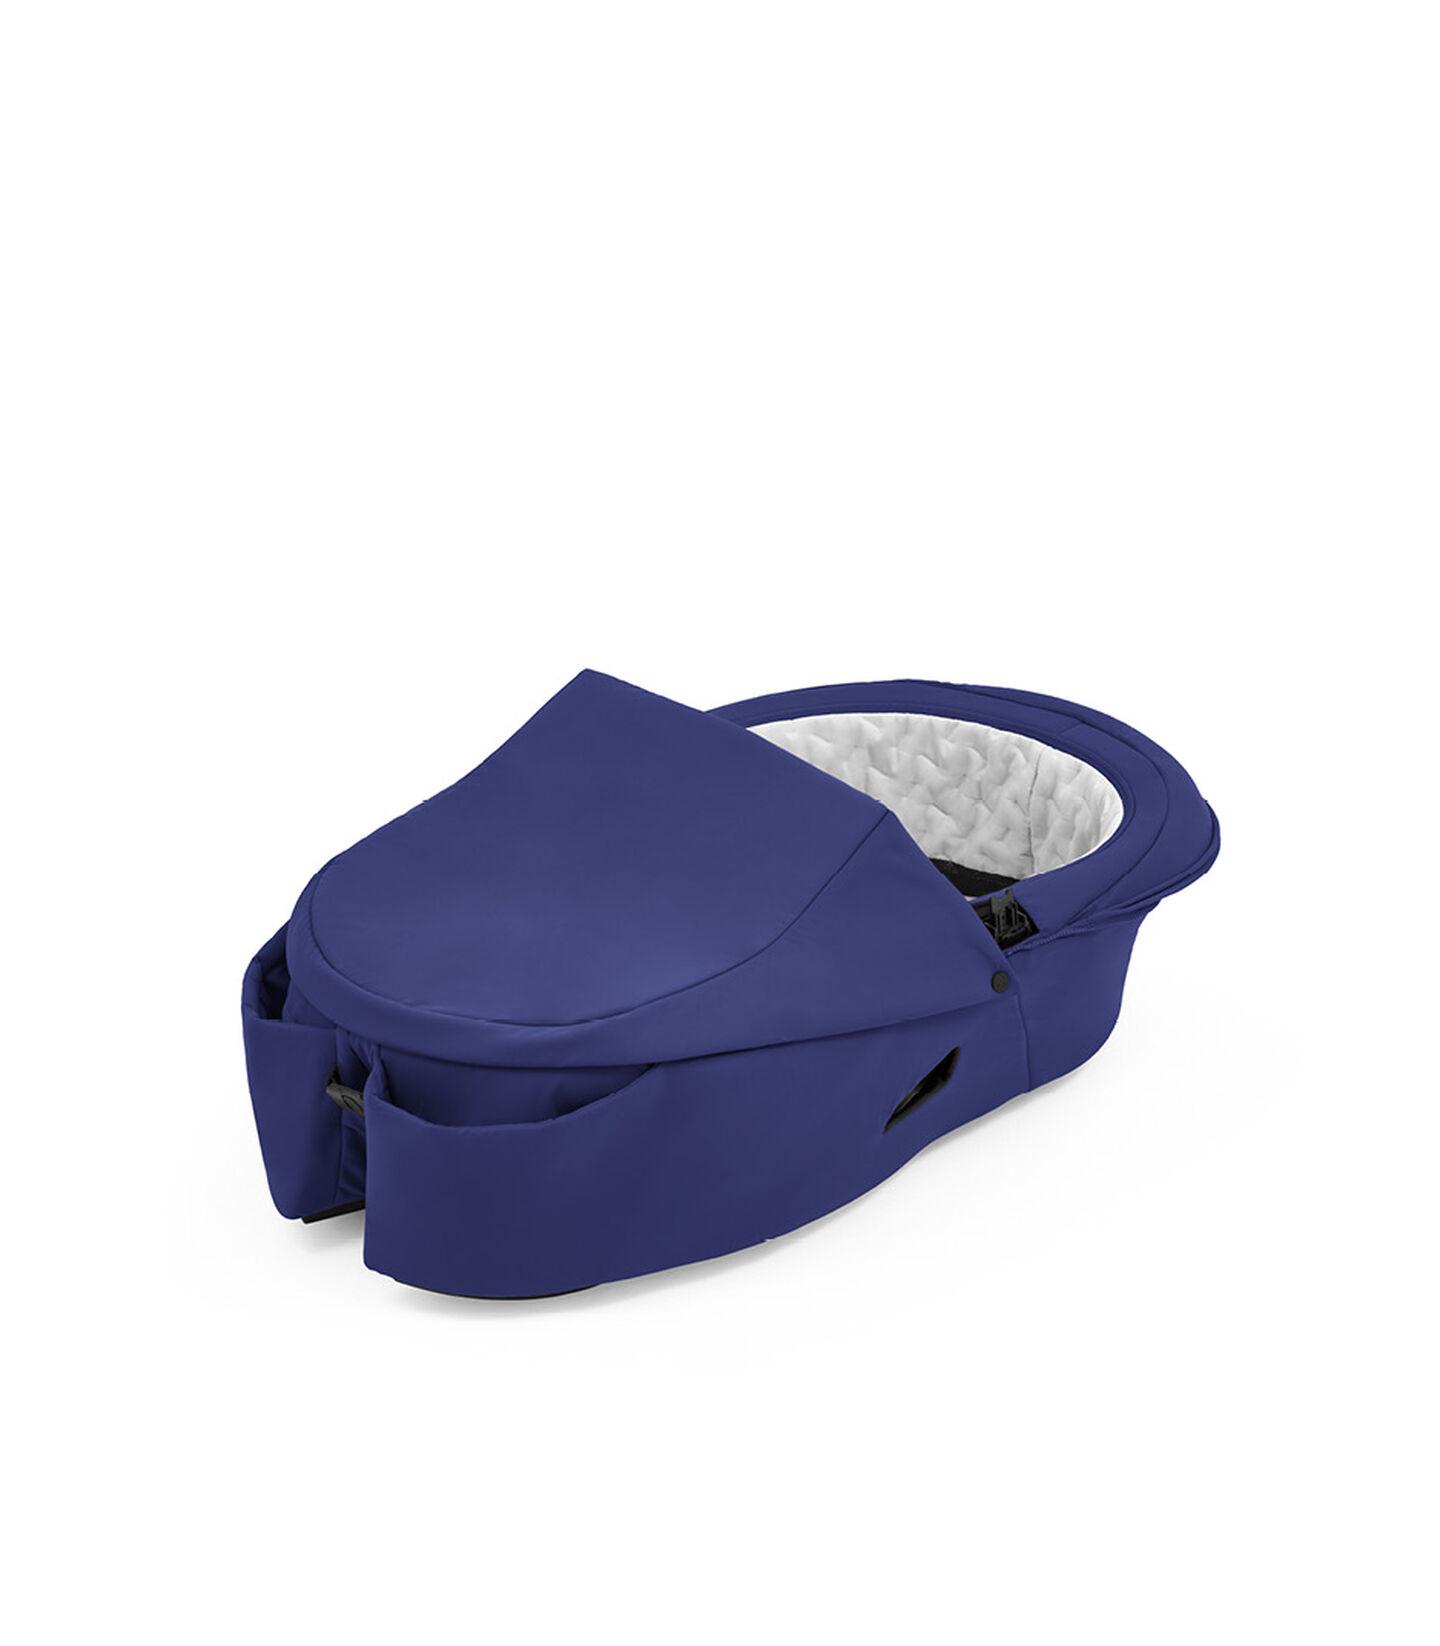 Nacelle Stokke® Xplory® X Bleu Royal, Bleu Royal, mainview view 1